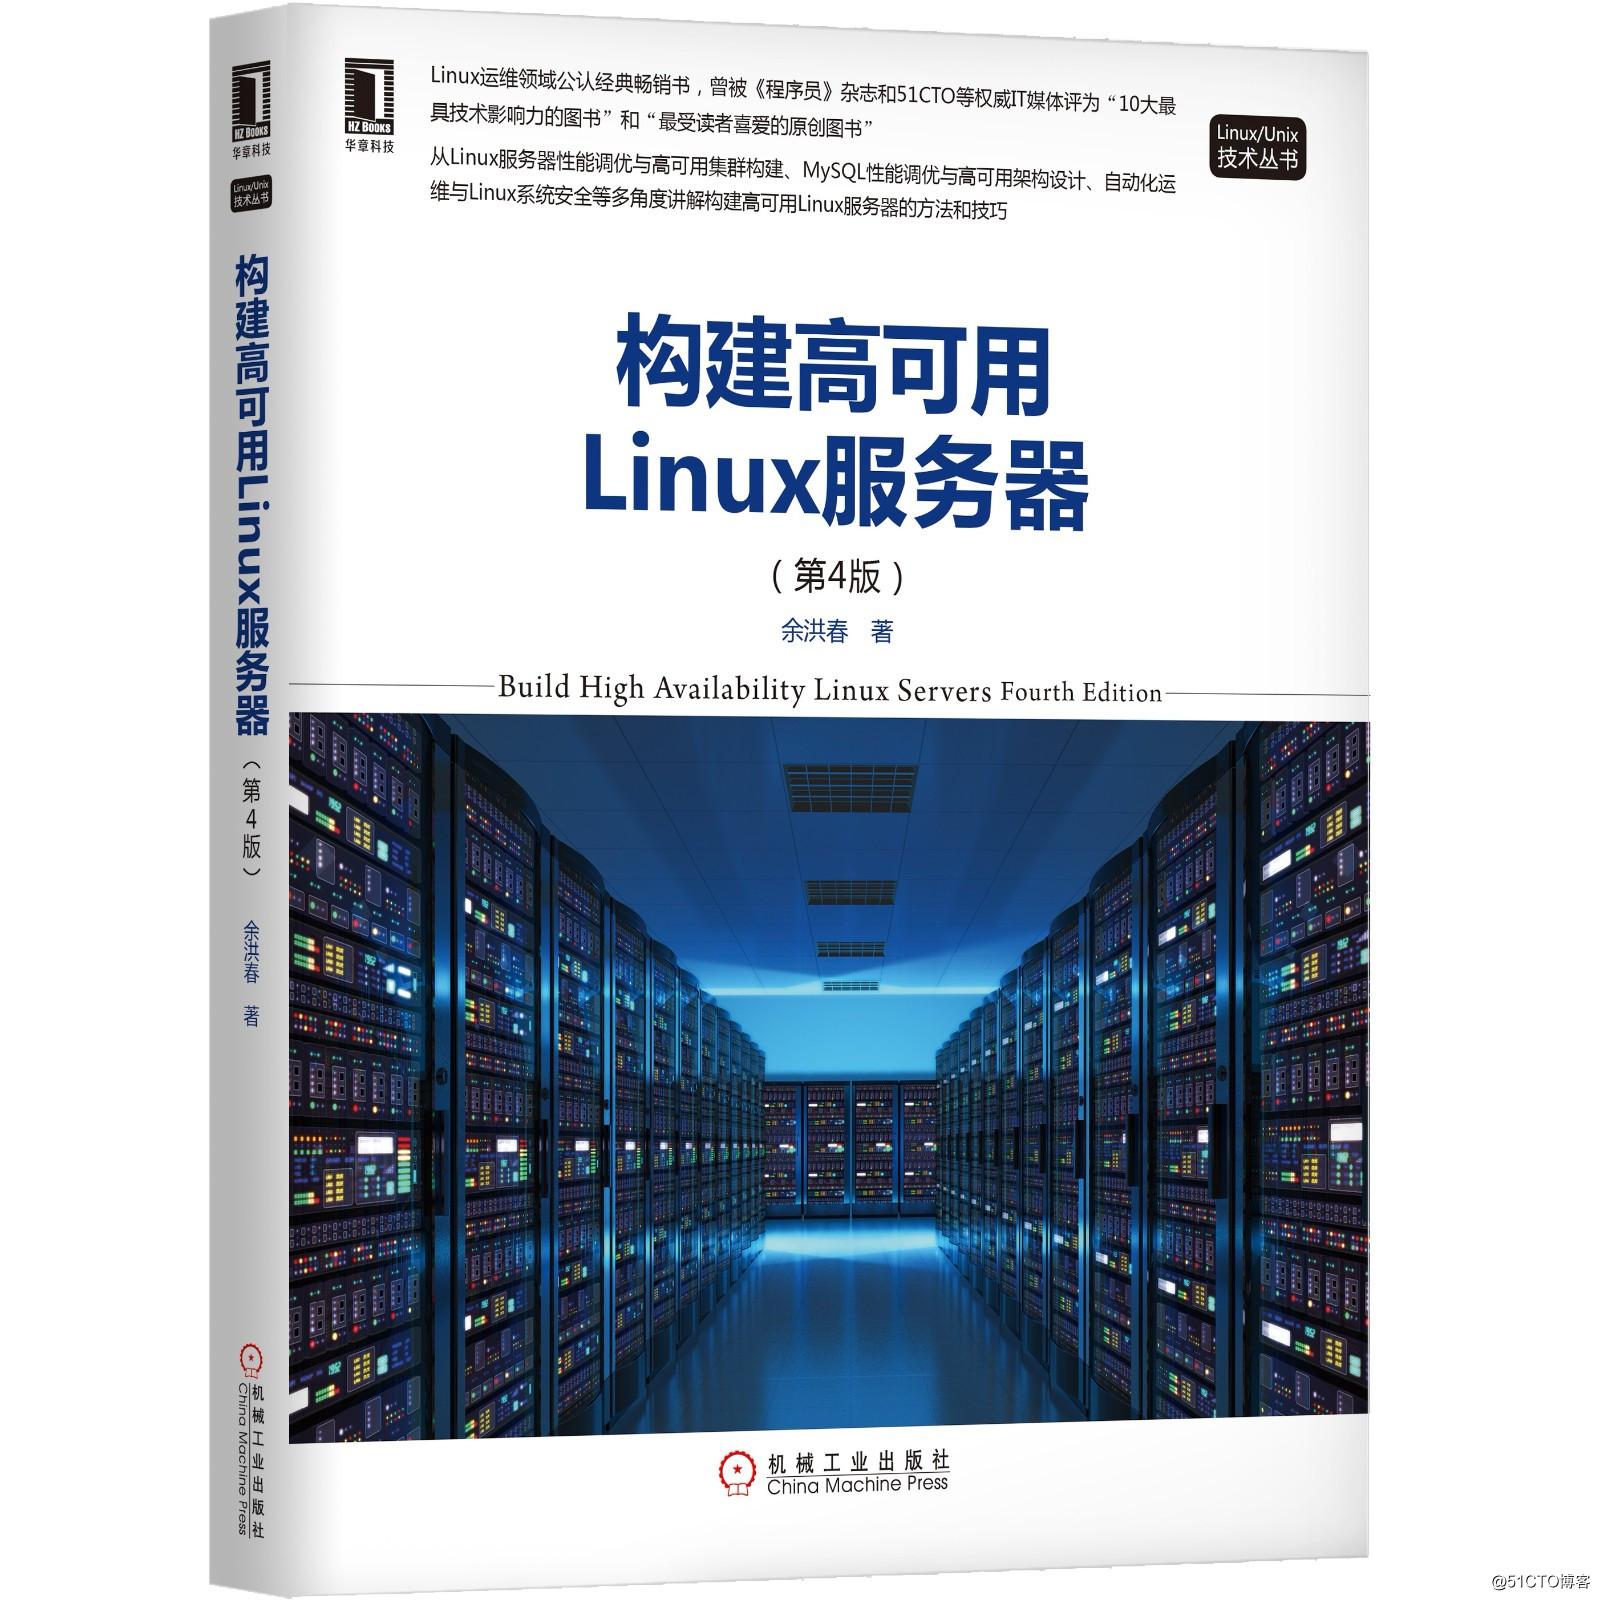 《构建高可用Linux服务器(第4版)》已面市